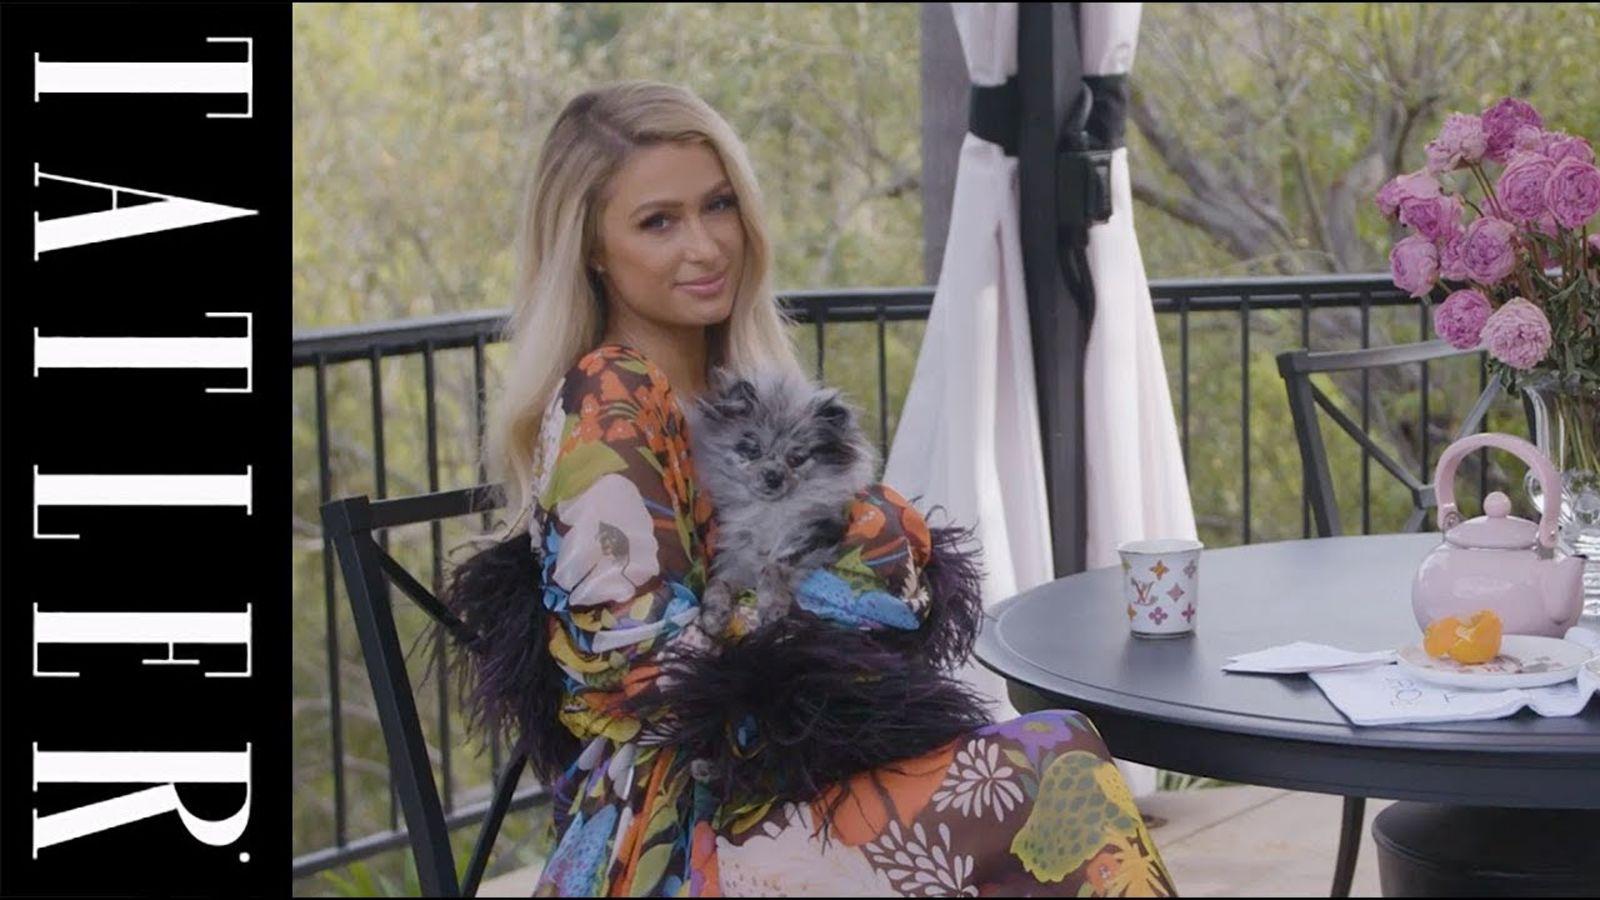 Meghan Markle vs Miley Cyrus: Paris Hilton plays Would You Rather